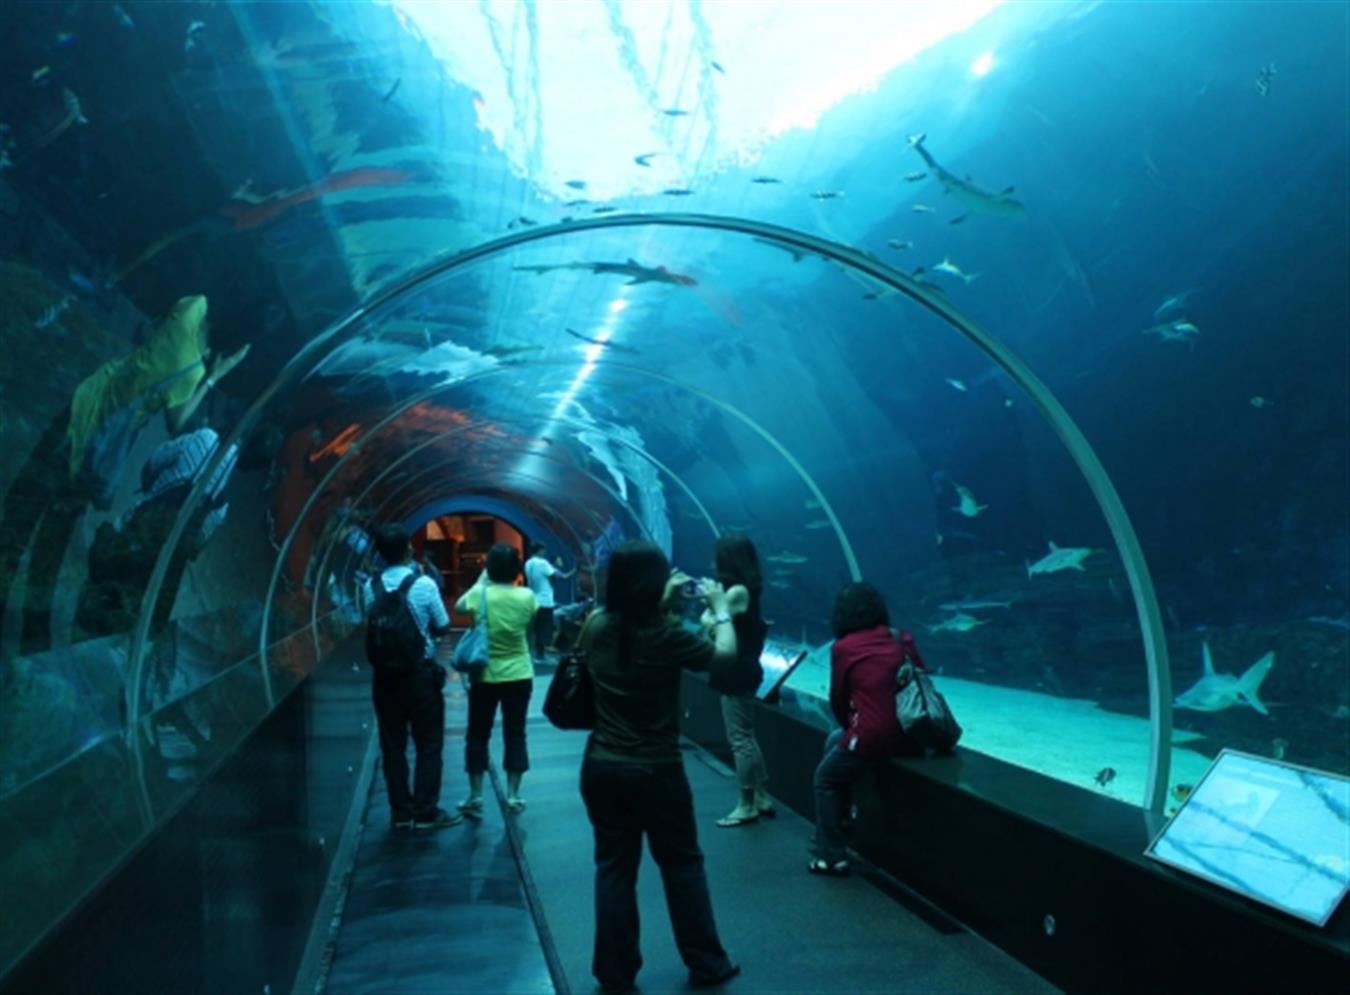 tunel interior del sea life de southbank